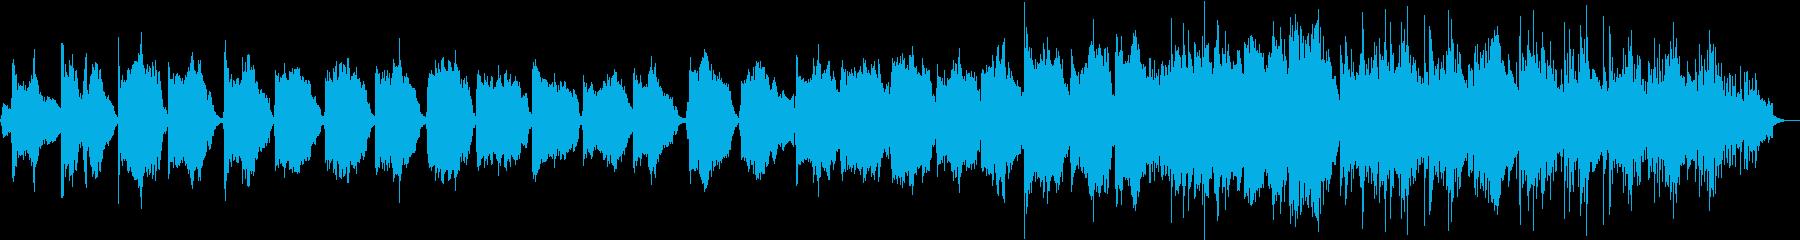 BGM_和風回想曲の再生済みの波形